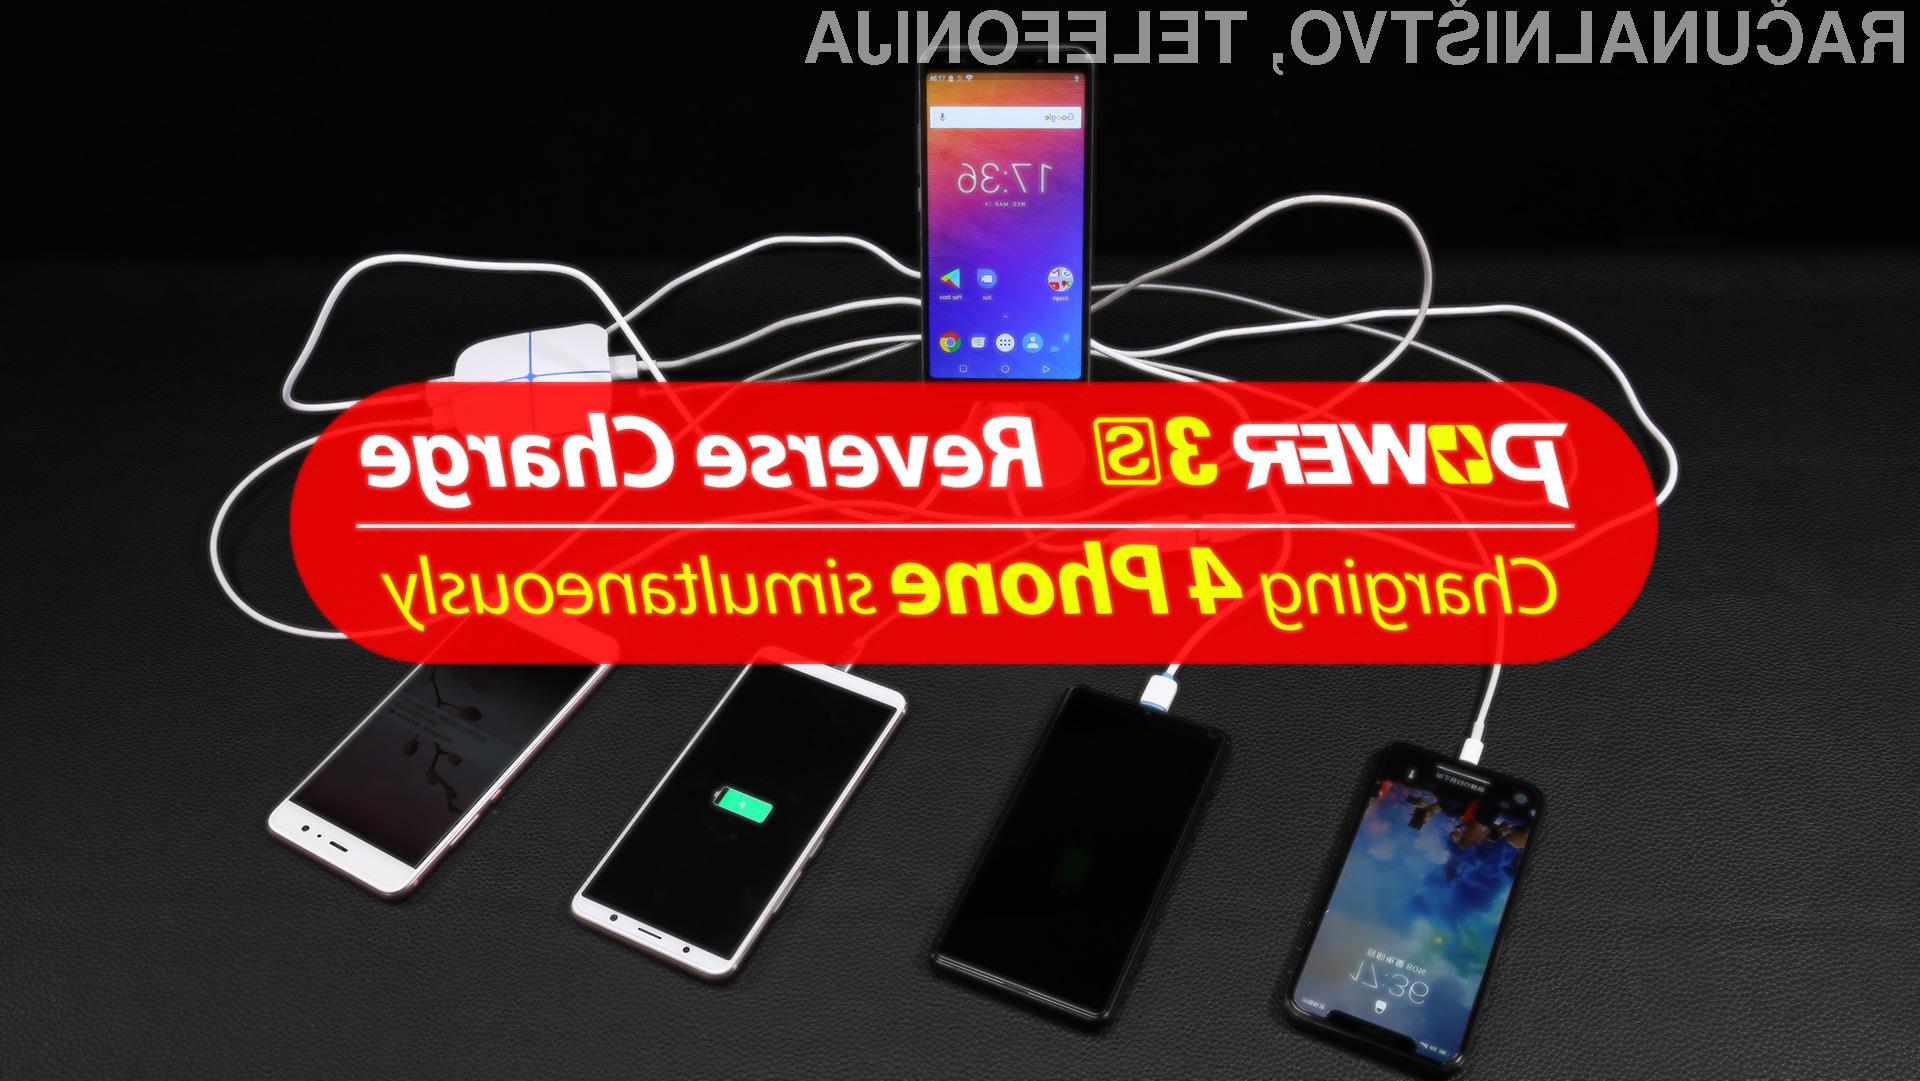 Ulefone Power 3S se dejansko lahko prelevi v zunanjo polnilno postajo!